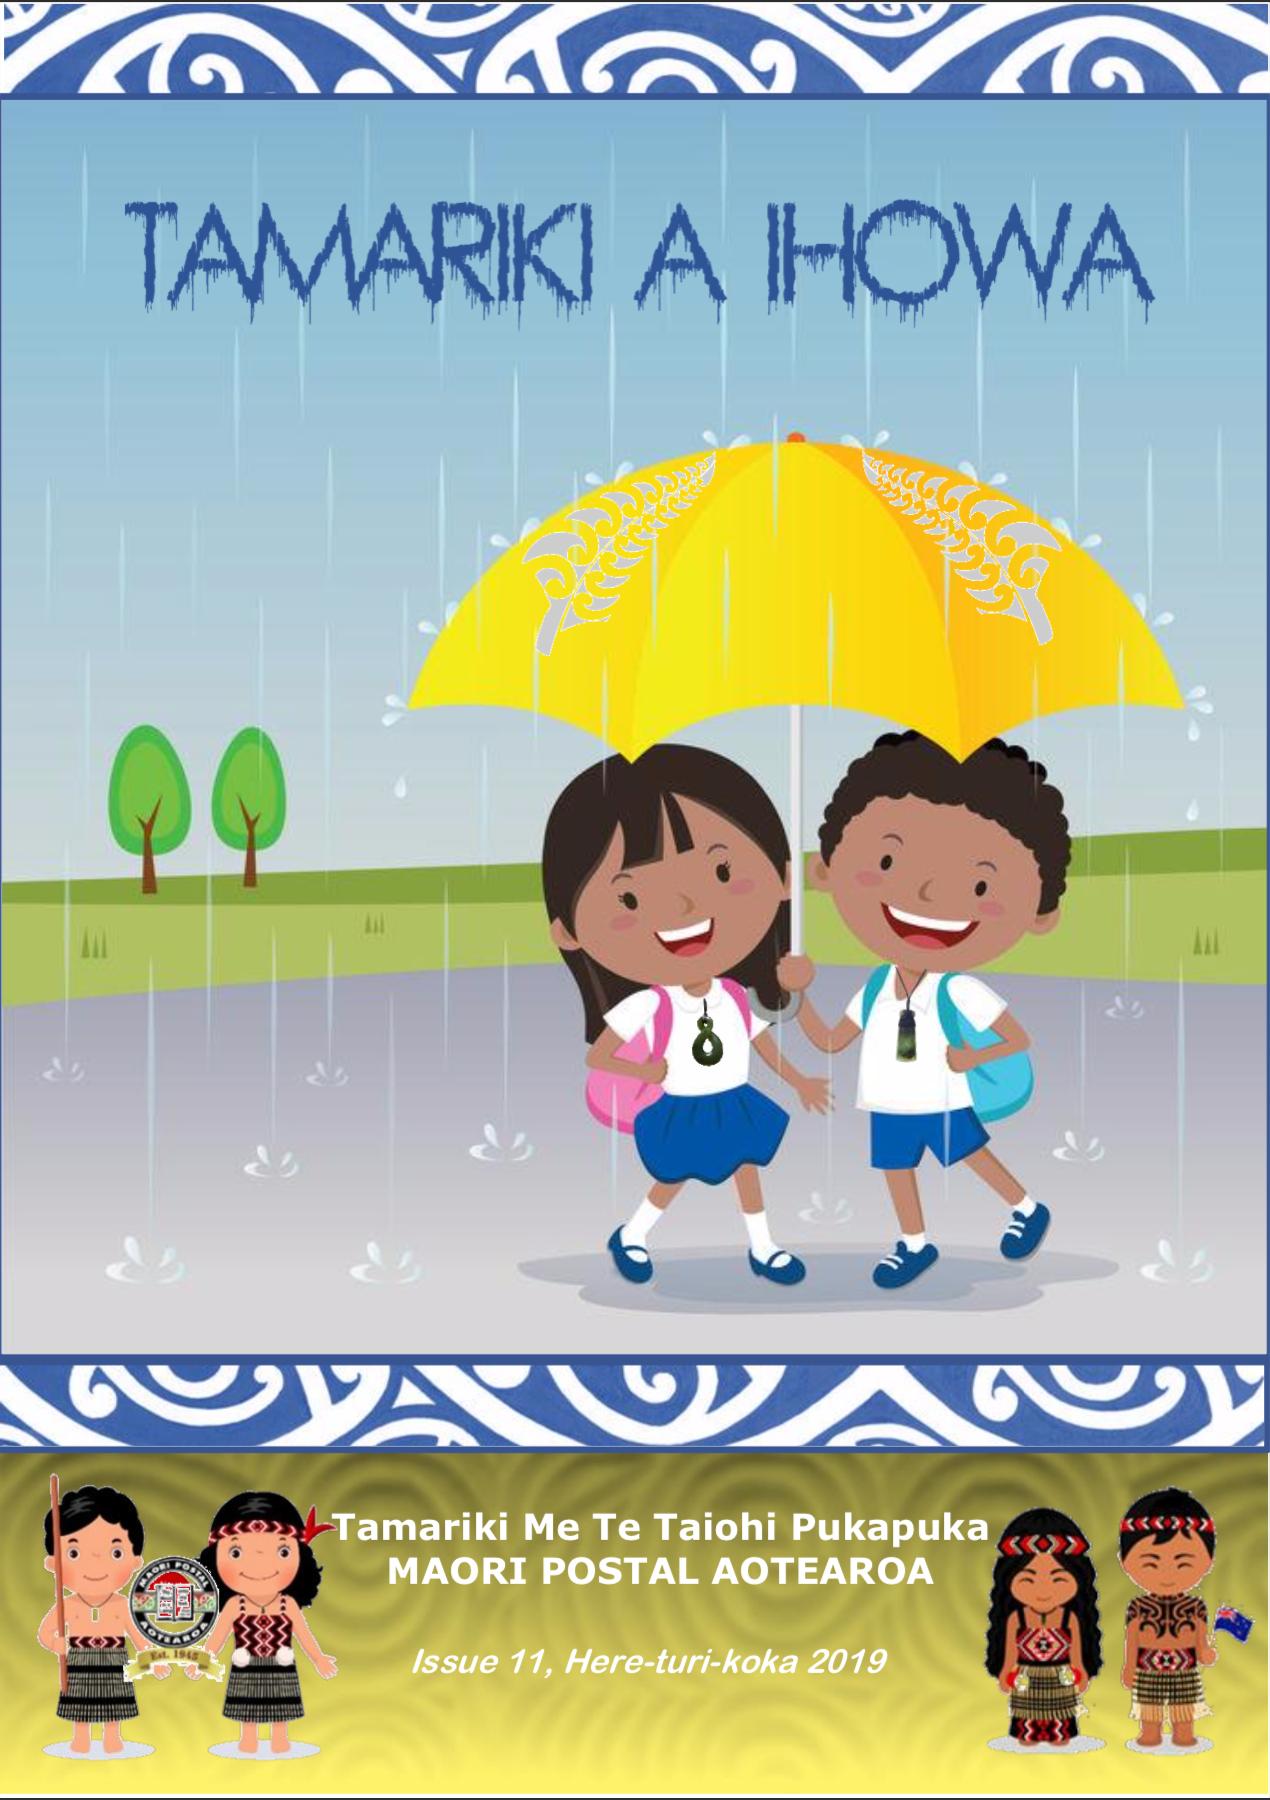 Tamariki A Ihowa Issue 11.png